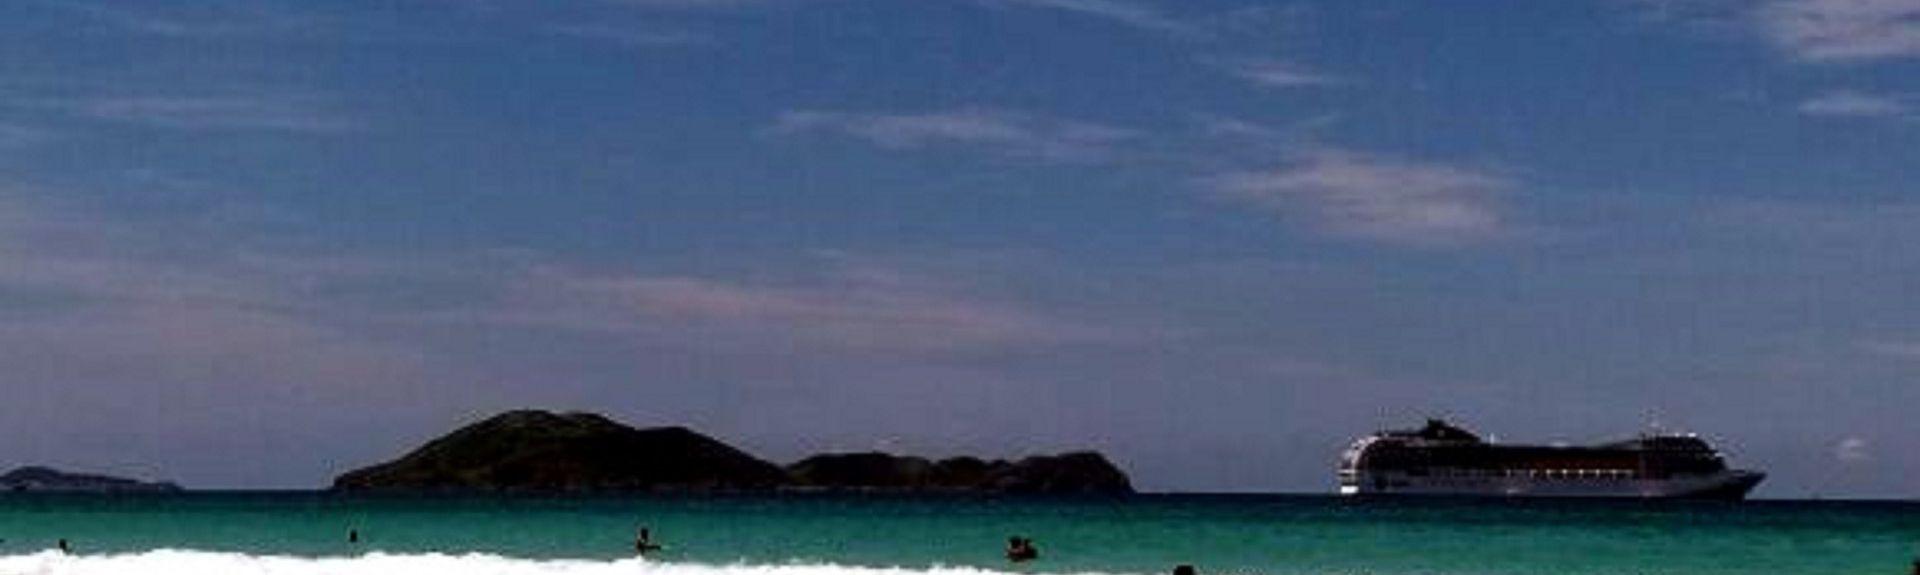 Praia Grande, Praia Grande, Arraial do Cabo - RJ, Brazil